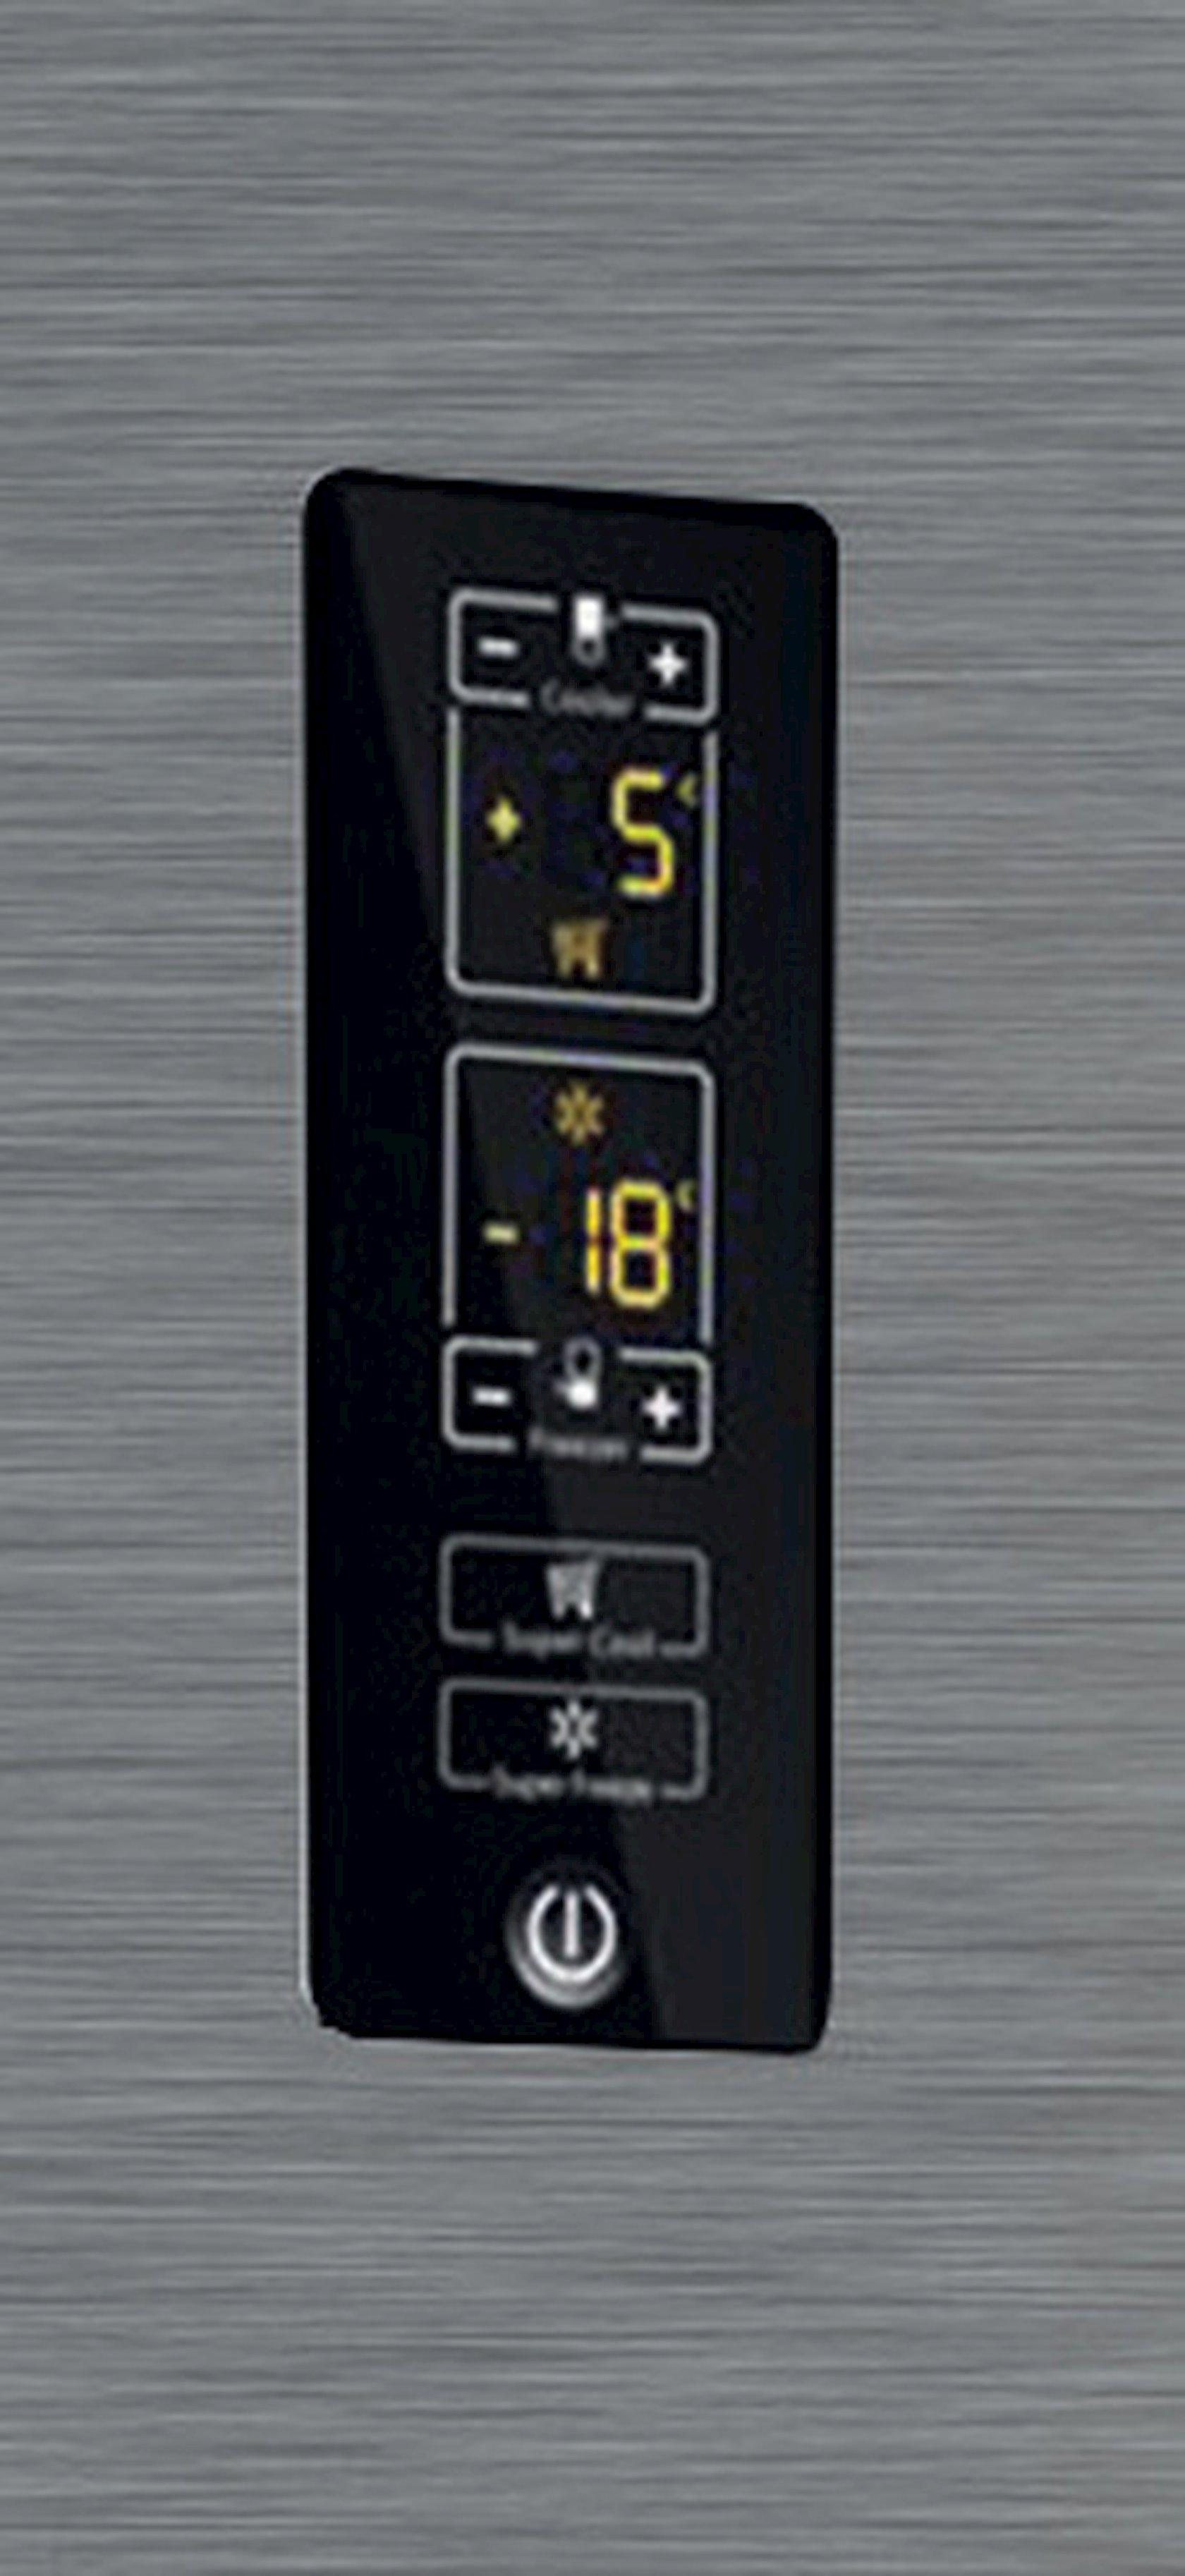 Soyuducu Hotpoint-Ariston HFP 6200 X